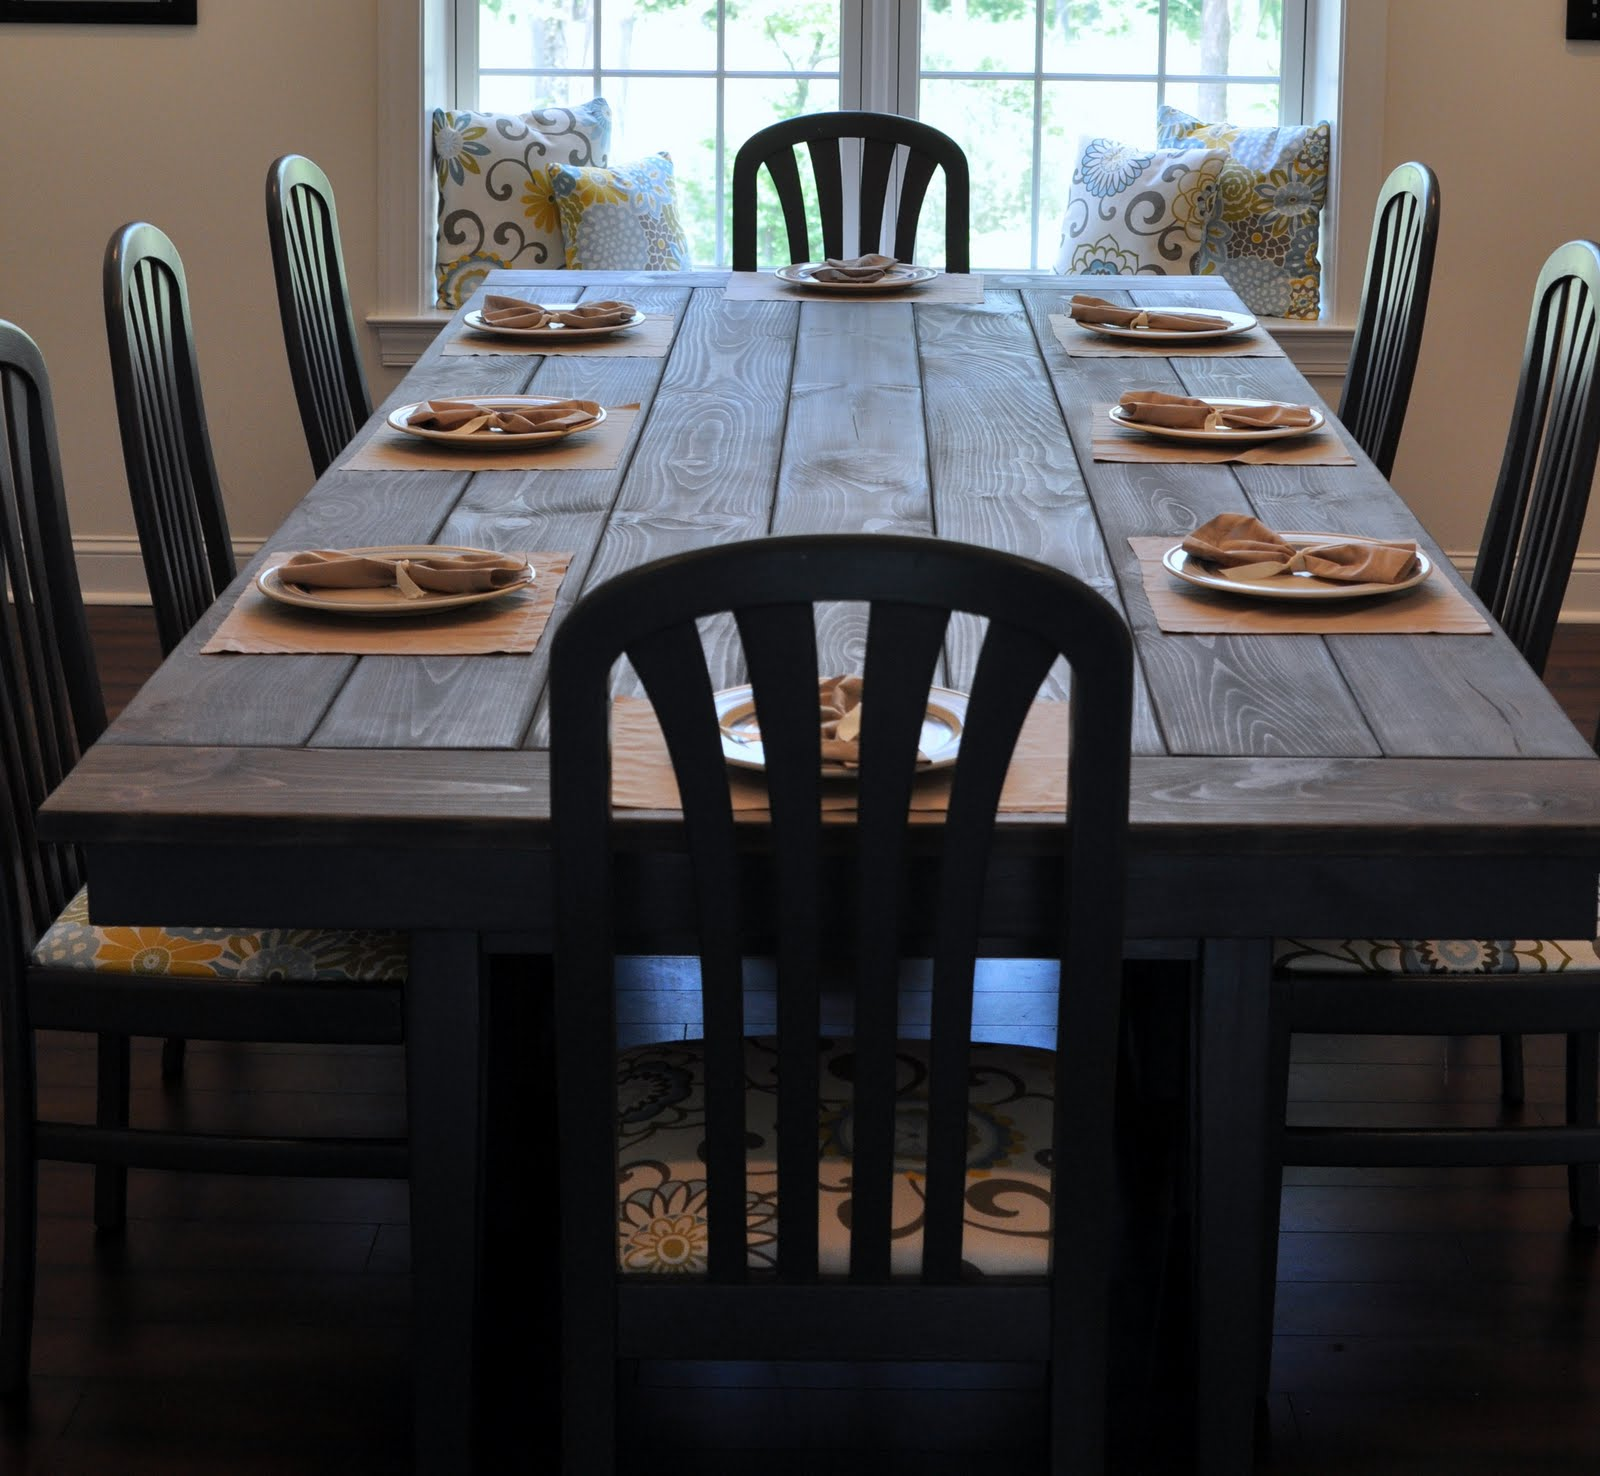 farmhouse table remix tutorial make kitchen table Farmhouse Table Remix How to Build a Farmhouse Table